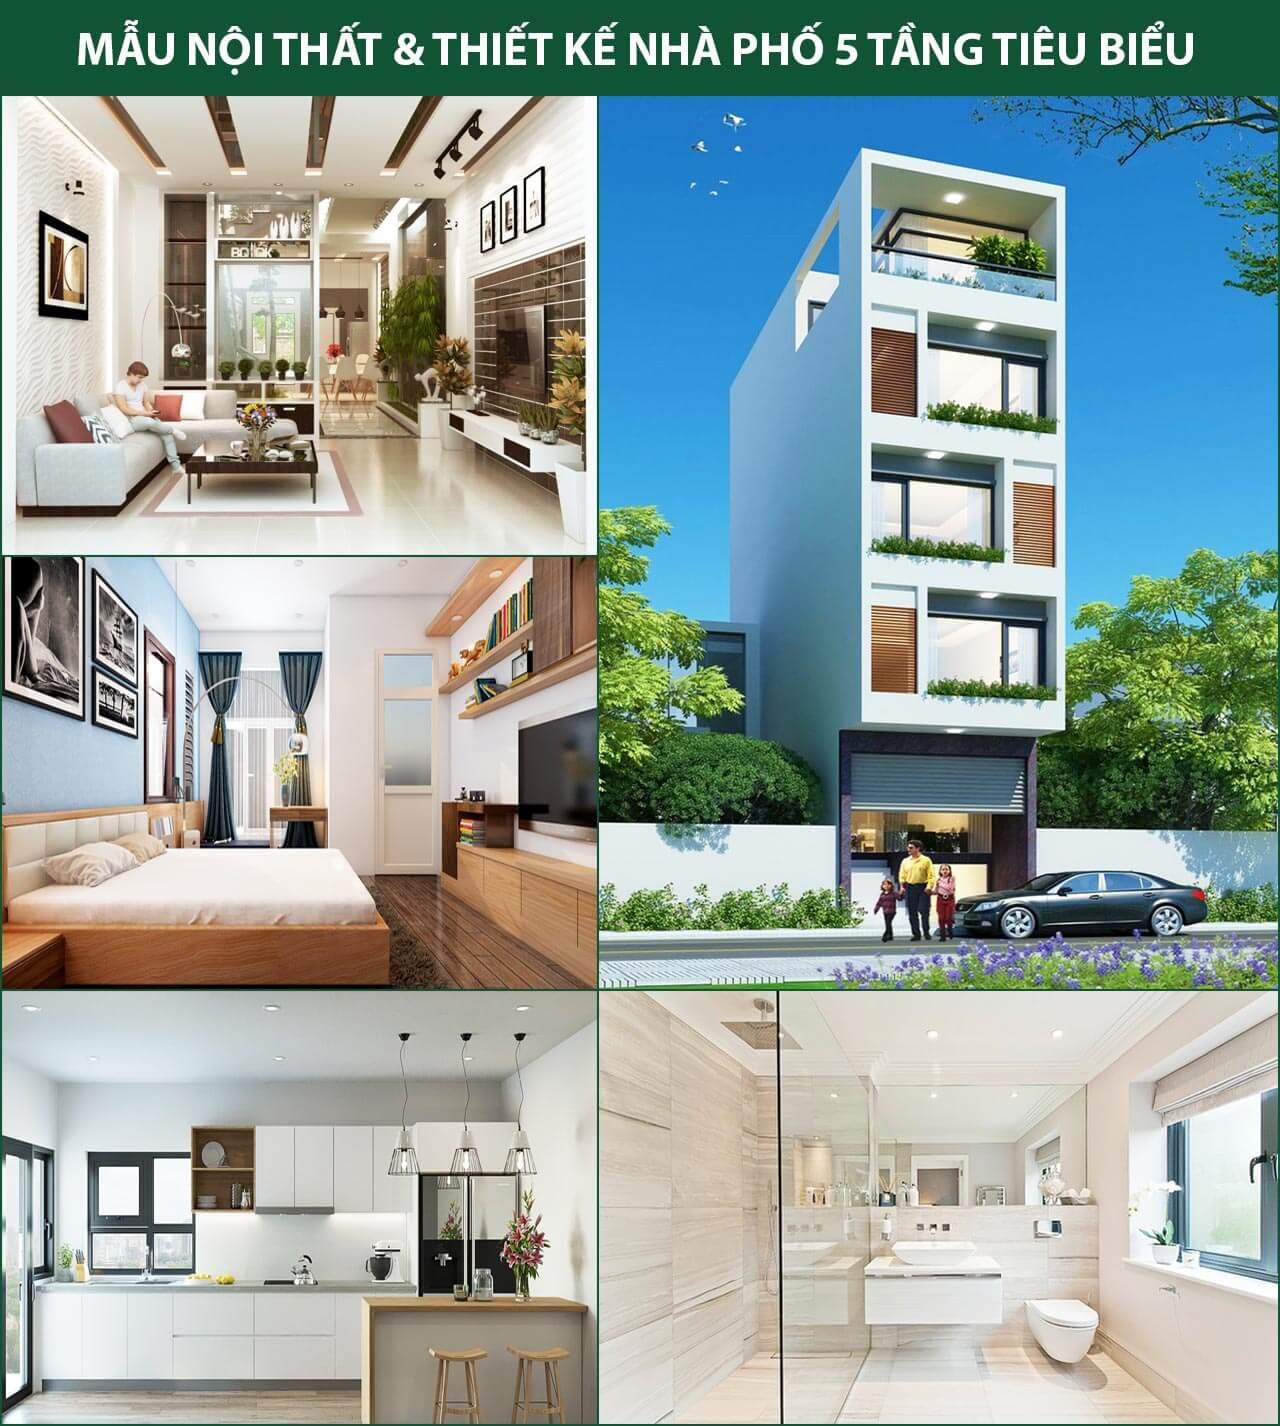 Chi phí xây nhà 5 tầng 60m2